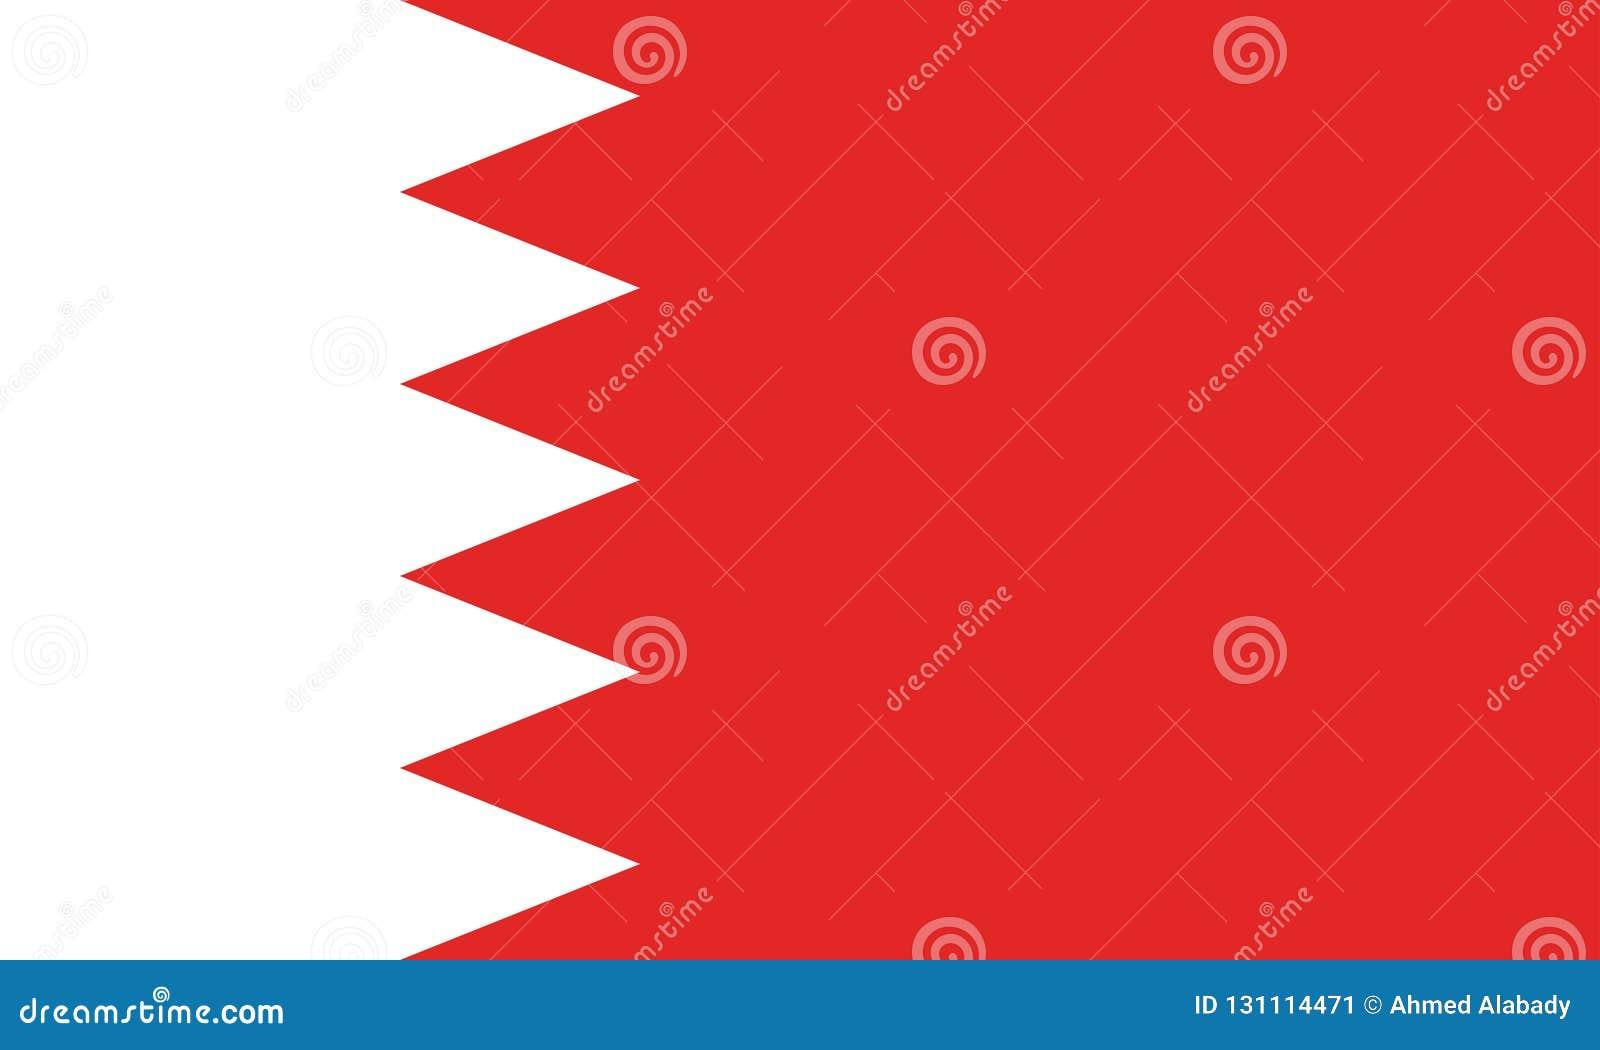 Image de vecteur pour le drapeau du Bahrain Basé sur le fonctionnaire et le drapeau bahreinite précis